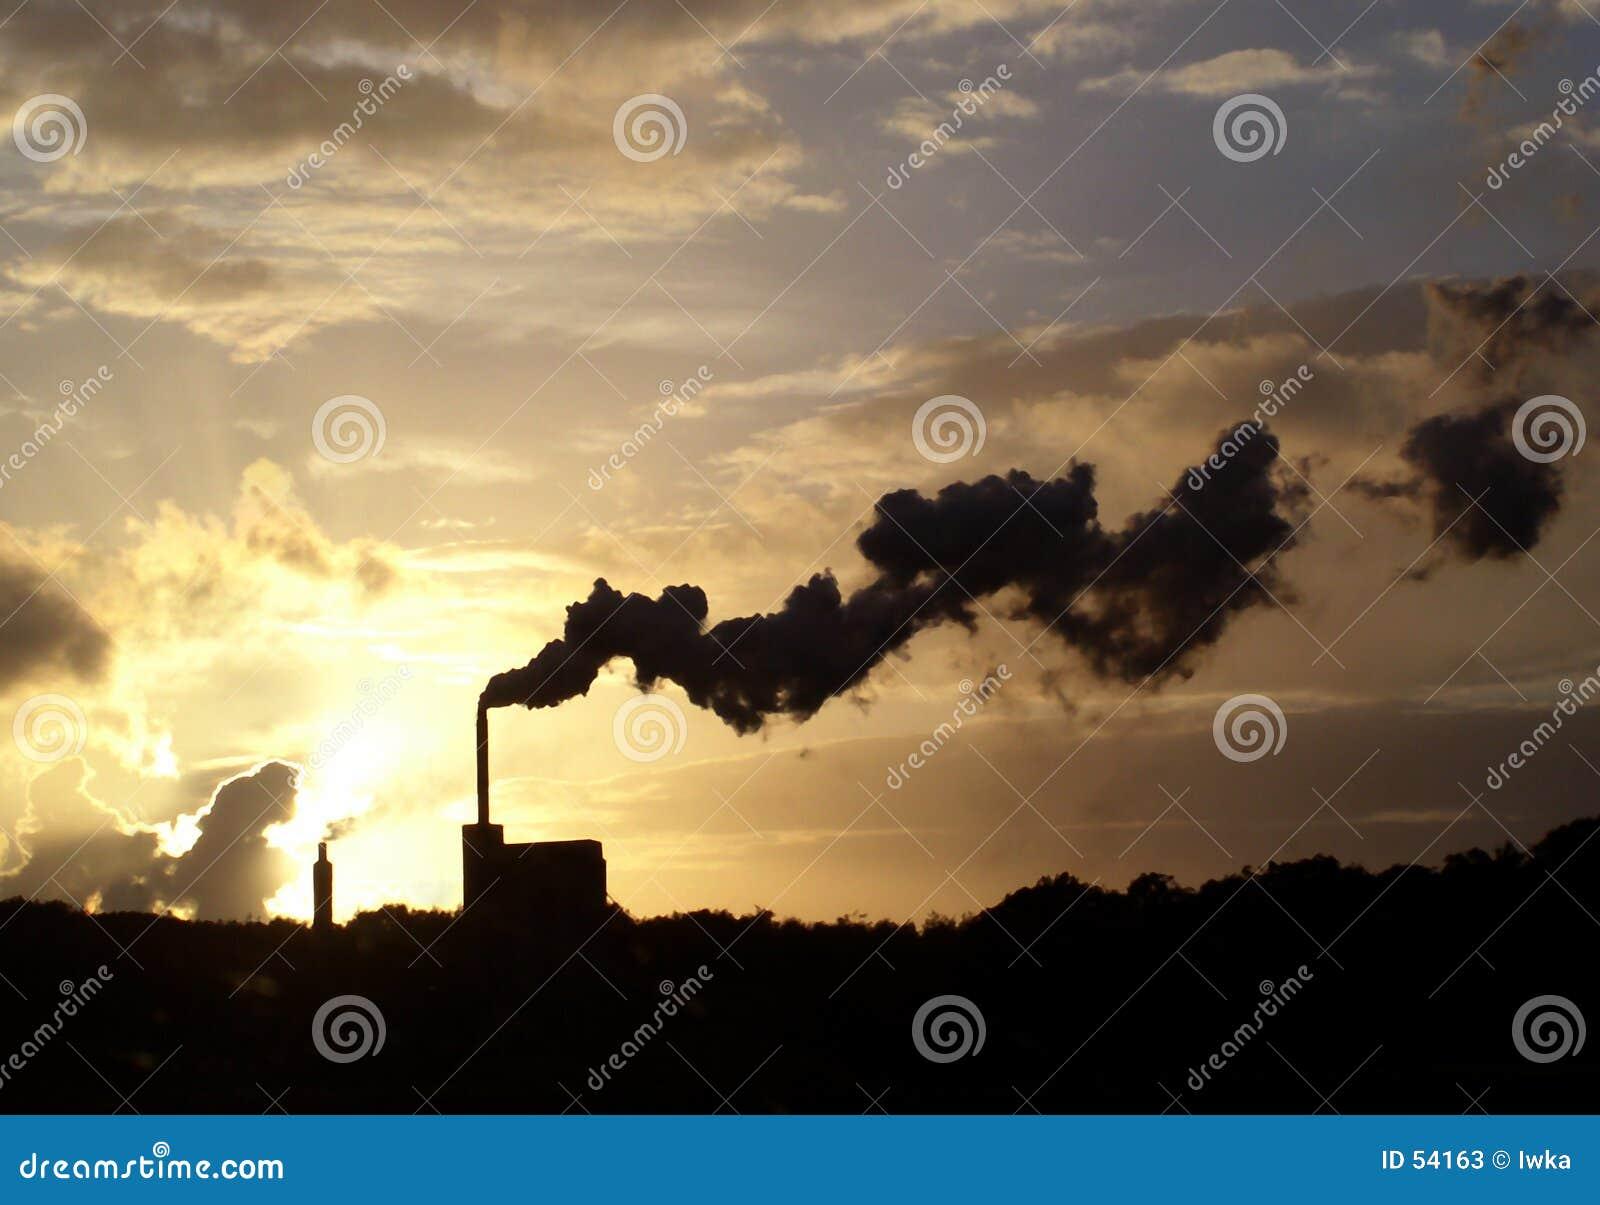 Download Cracher la fumée image stock. Image du polluez, papier, environnement - 54163